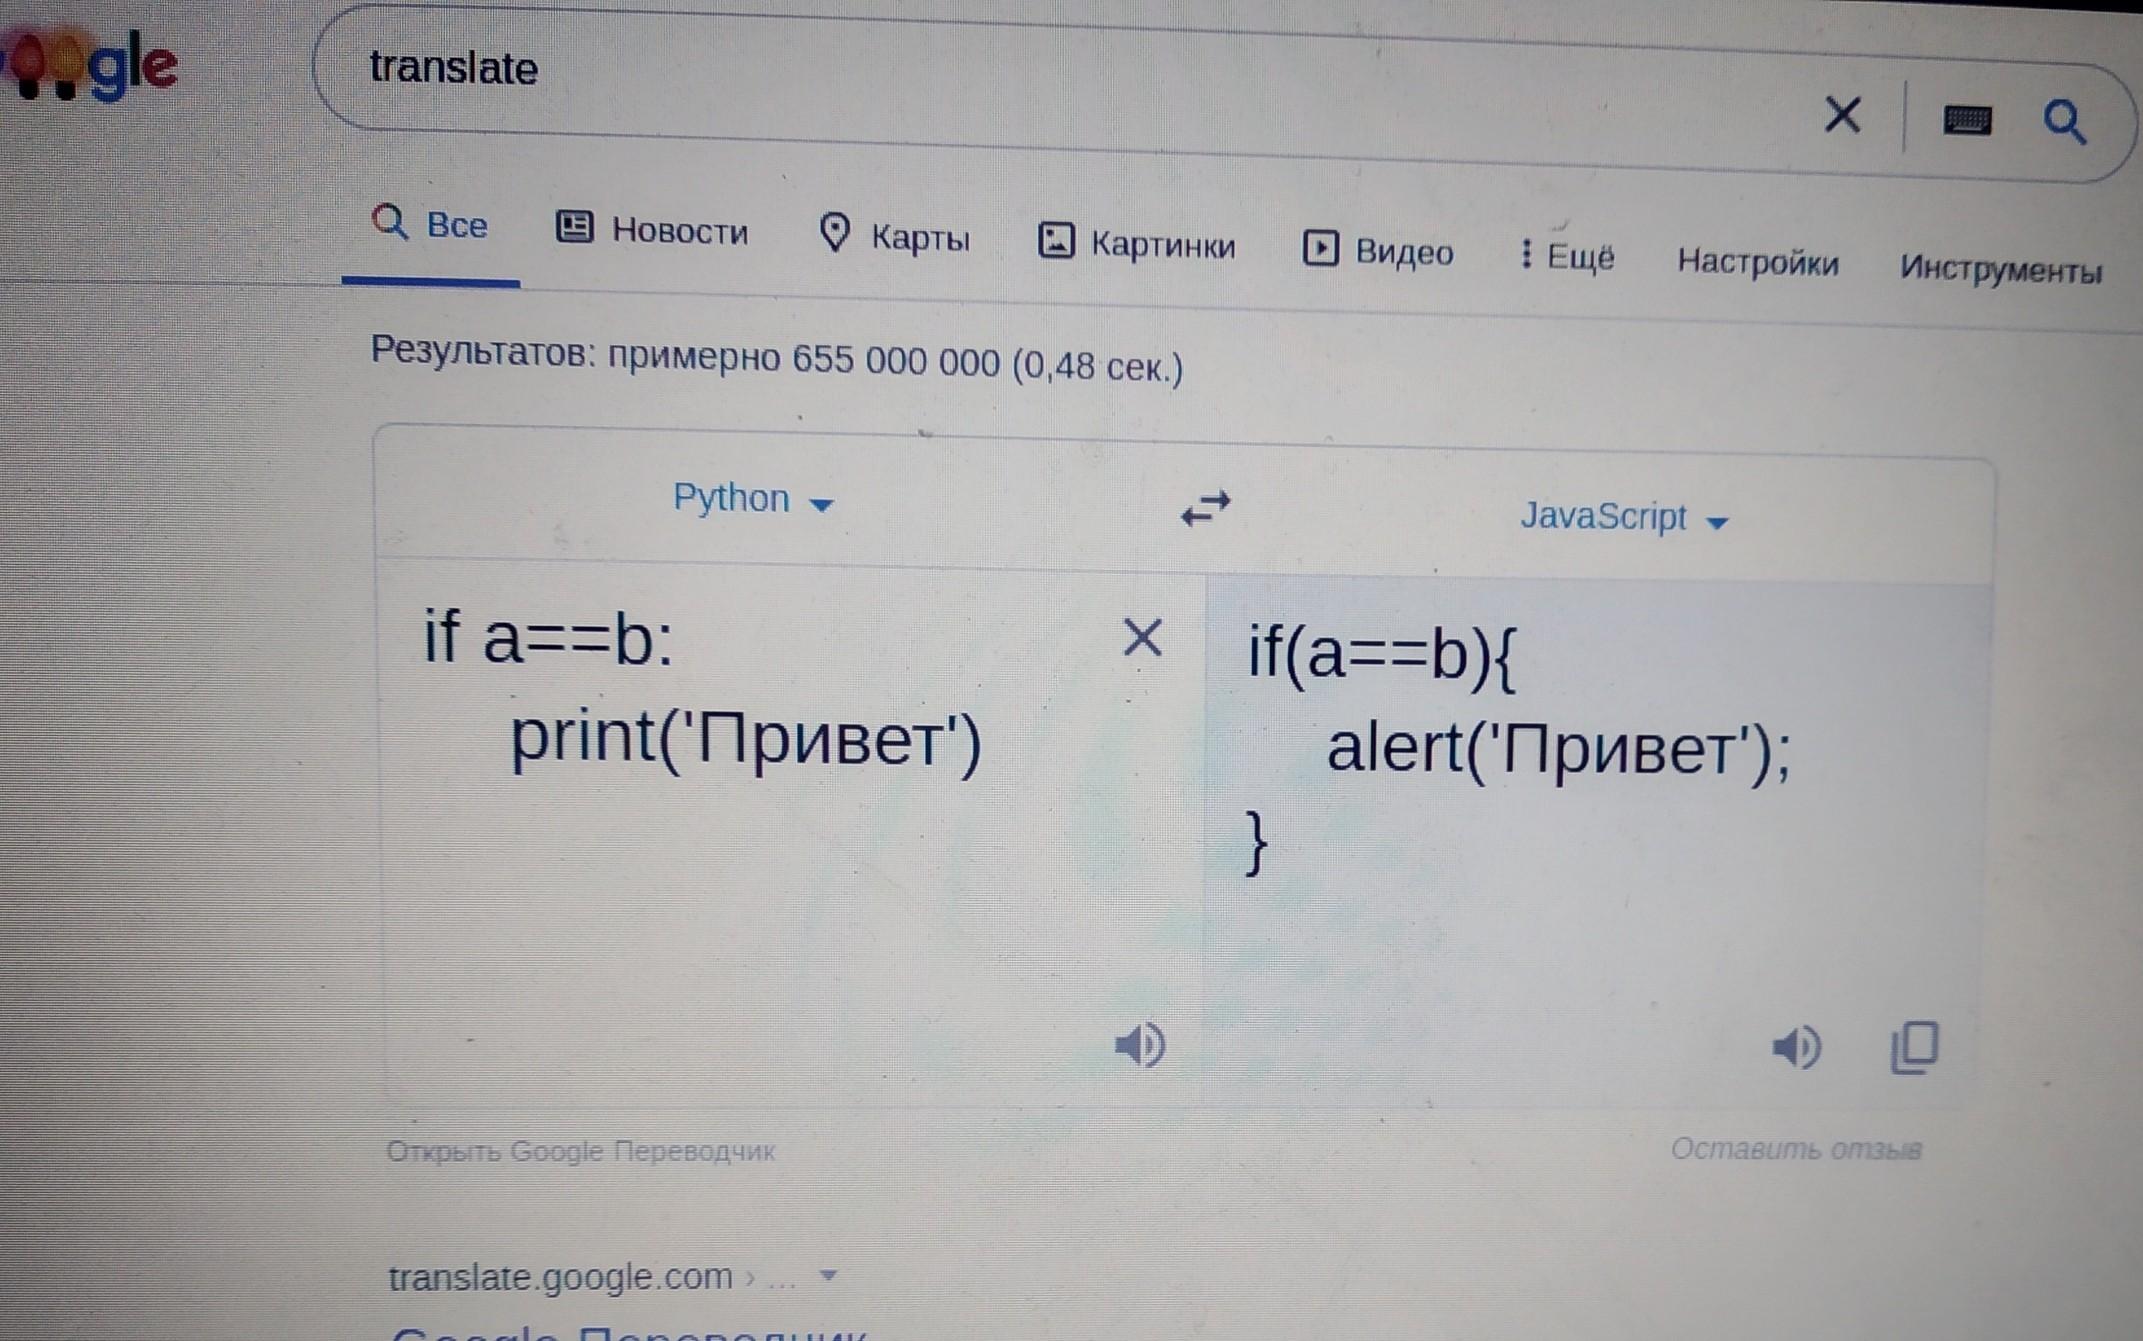 Ещё один способ использования python в браузере (и не только)